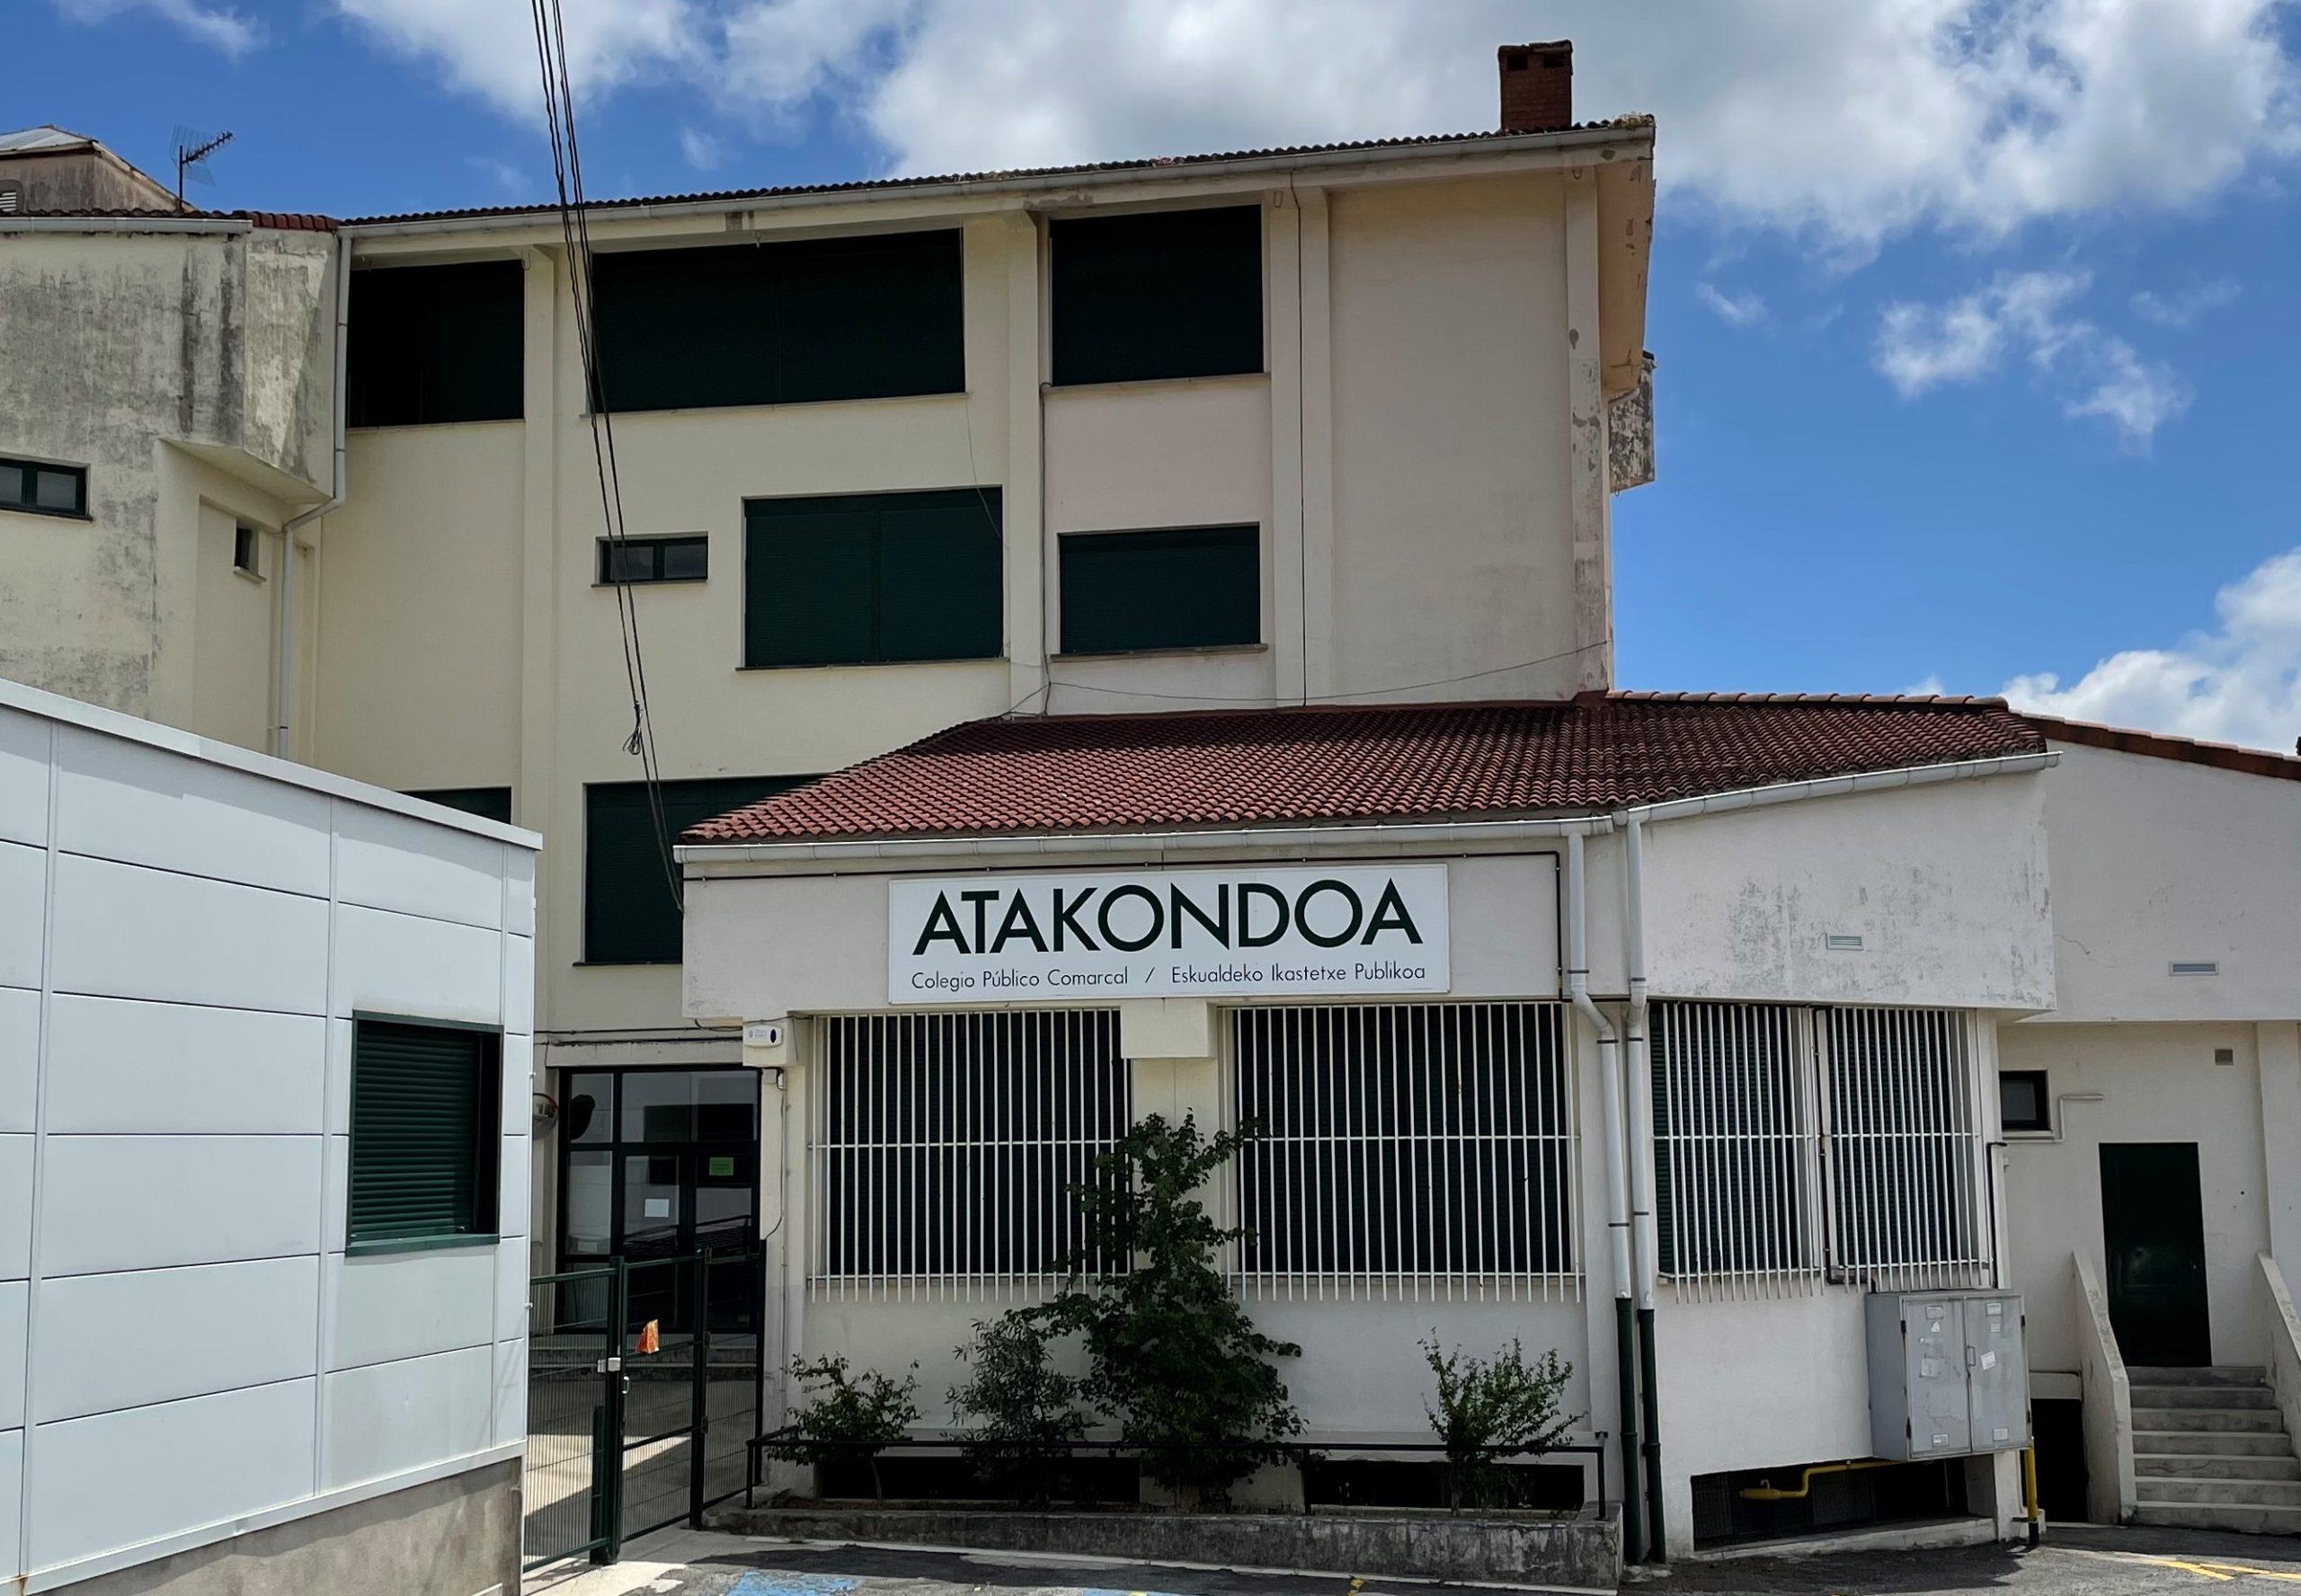 Proyecto colaborativo para aislar ls escuela Atakondoa de Irurtzun